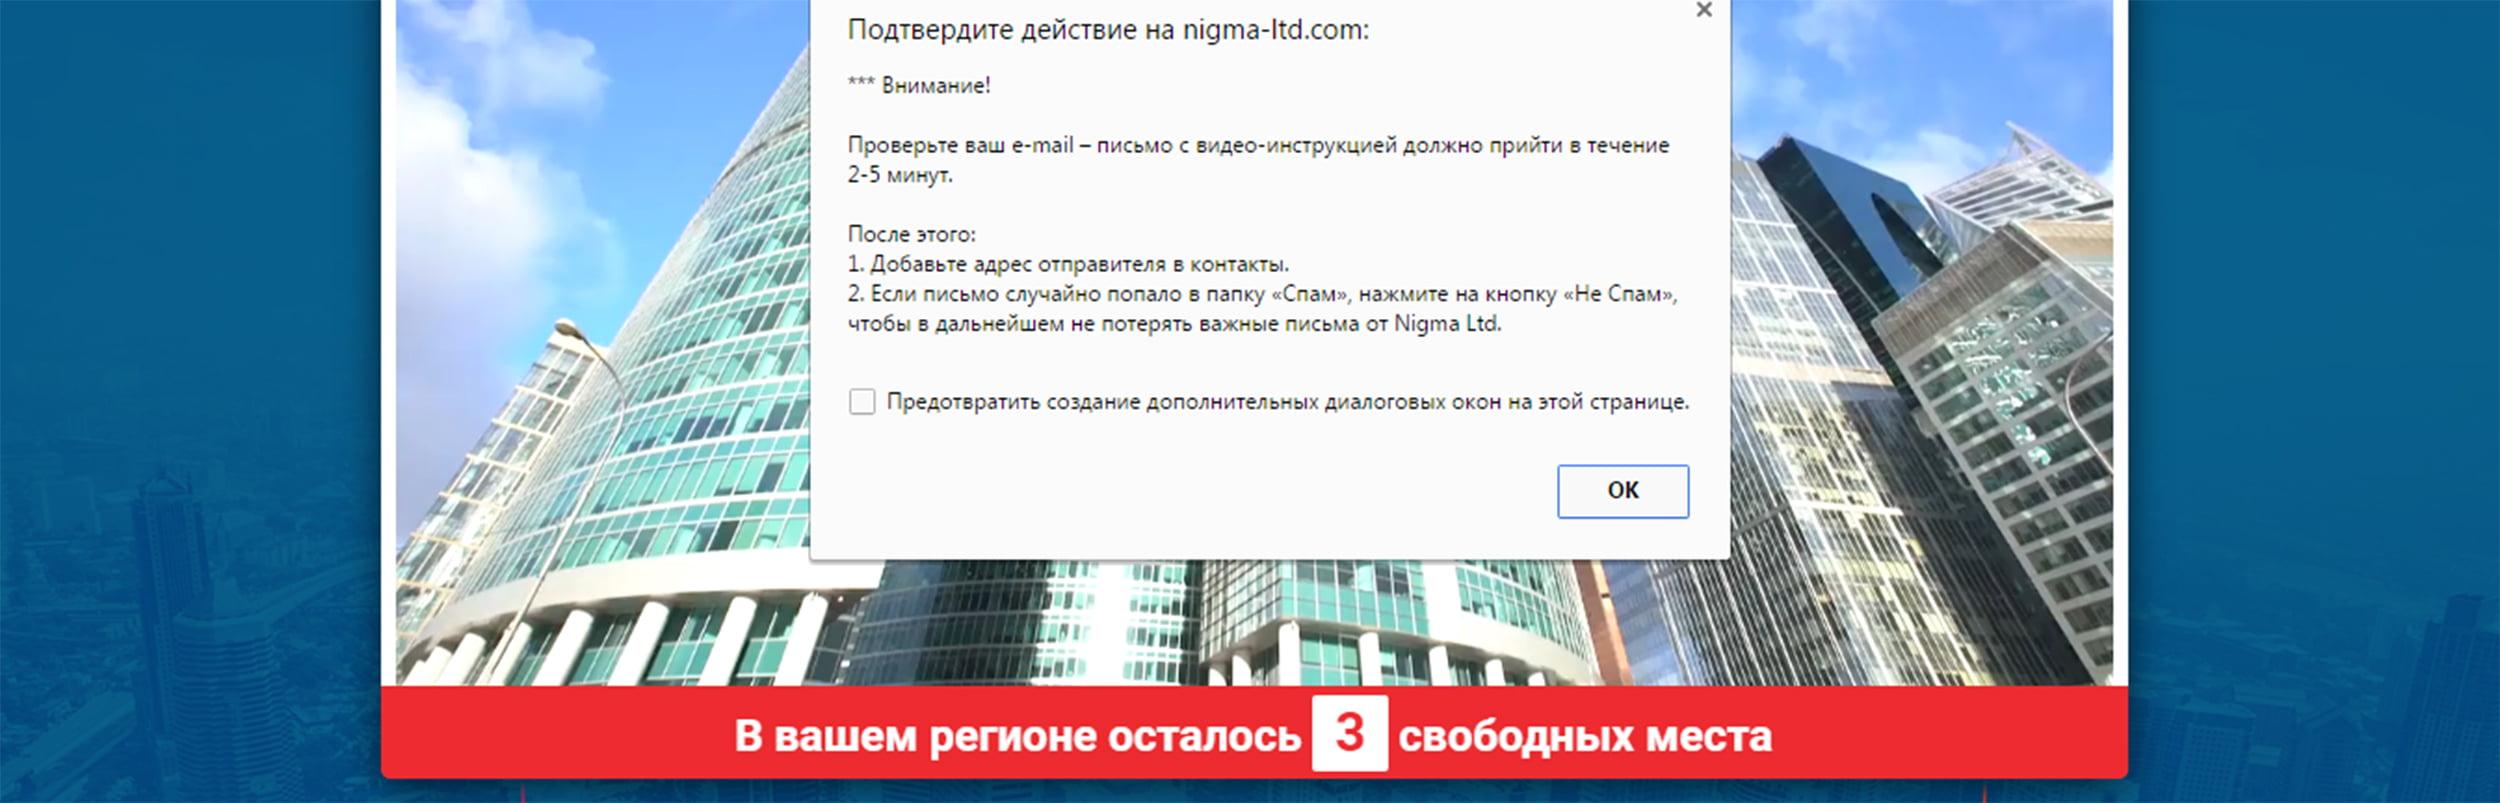 Регистрационная процедура Nigma 2